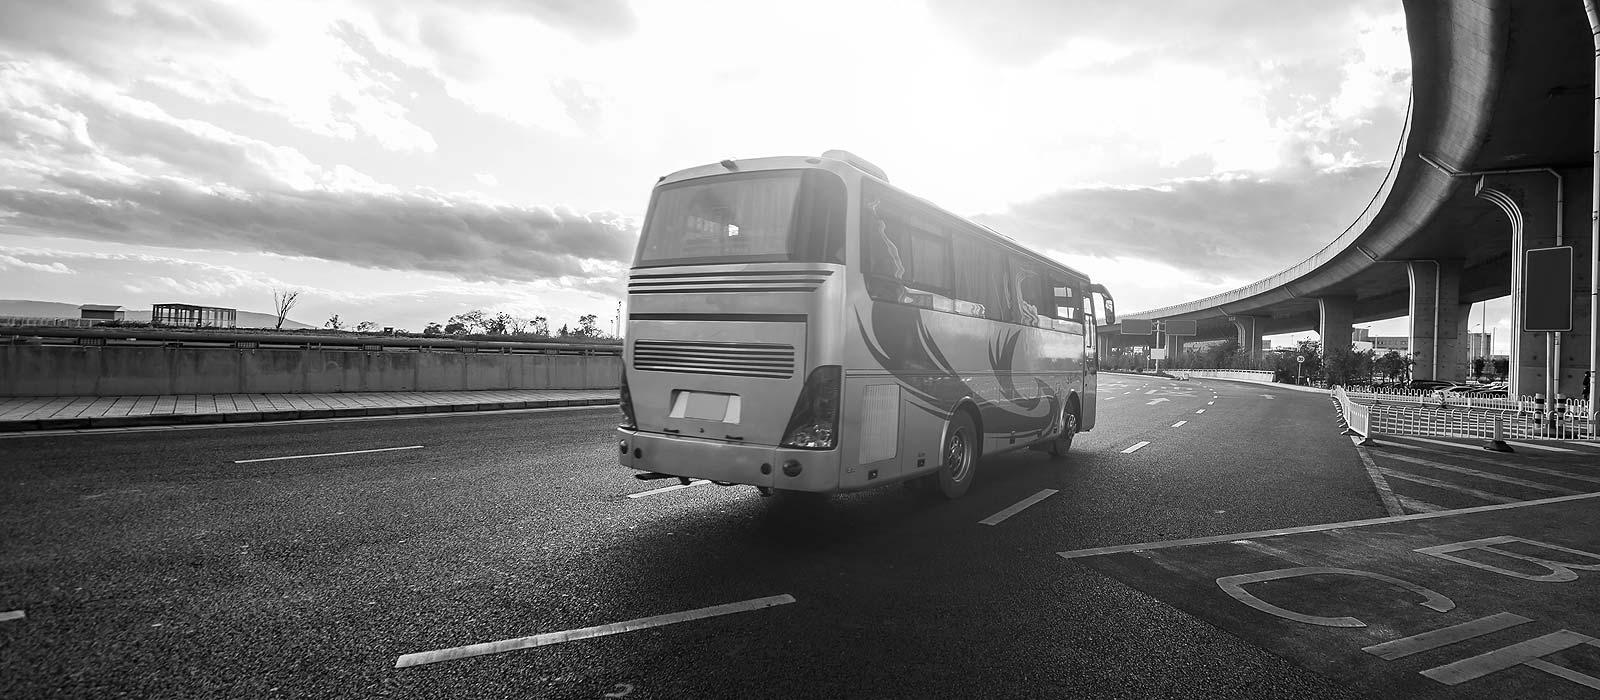 Autobus a minibus